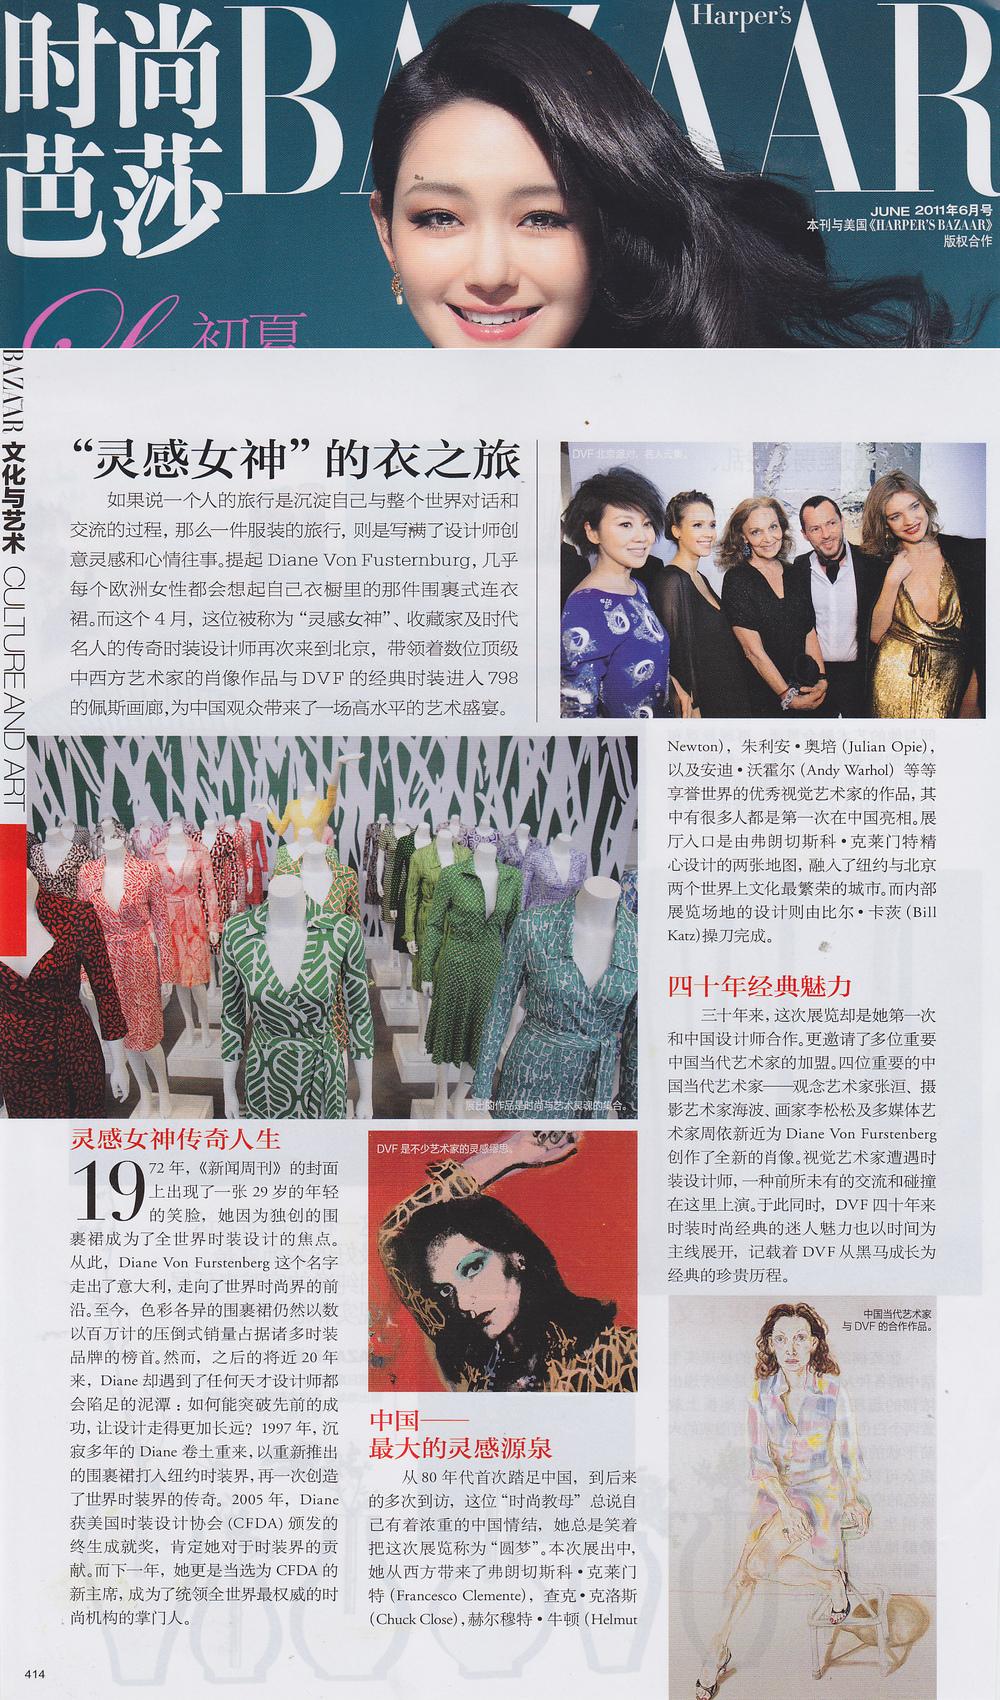 China Harper's Bazaar - June 11.jpg